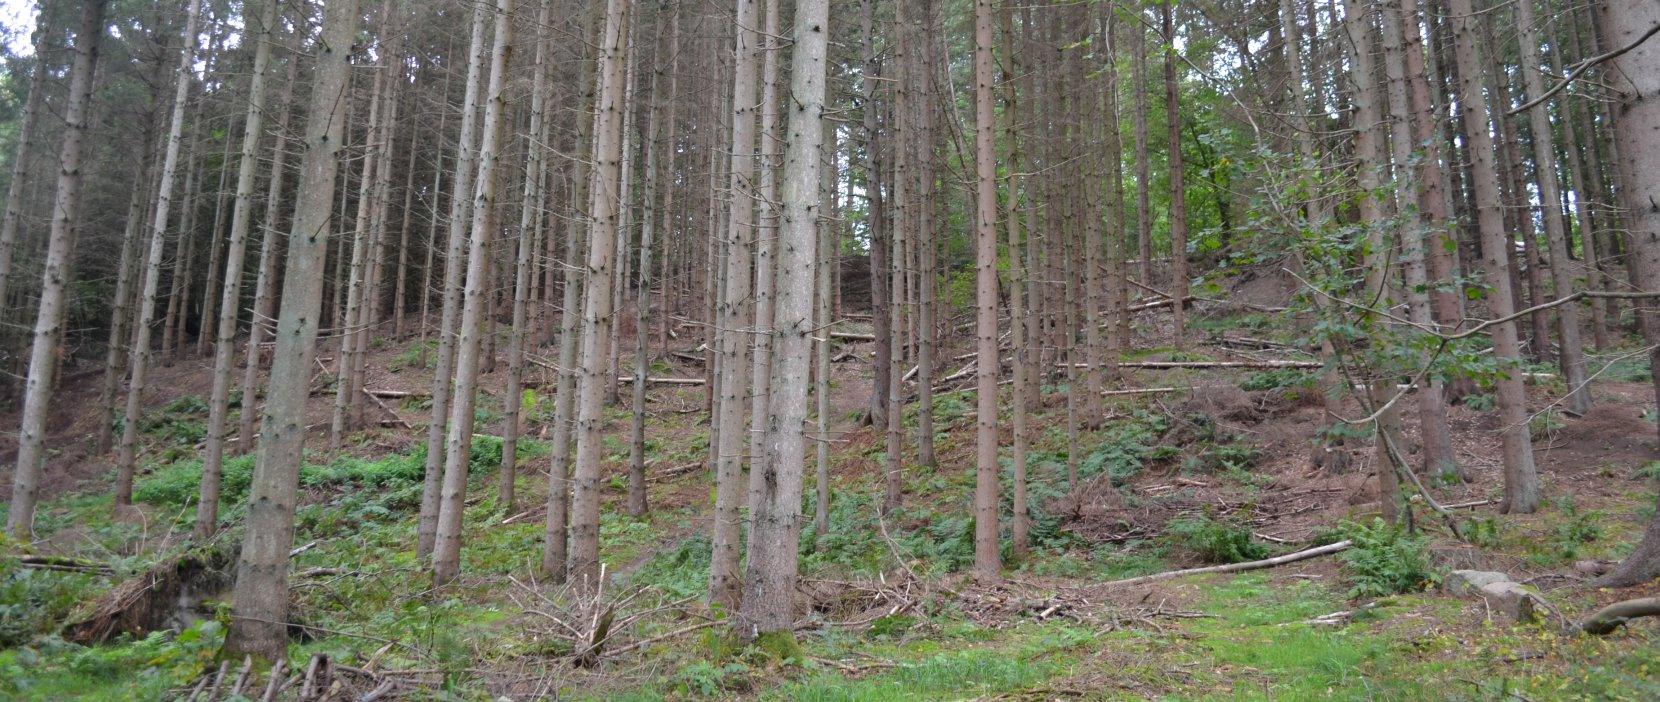 Foto: Højbjerg set gennem træerne